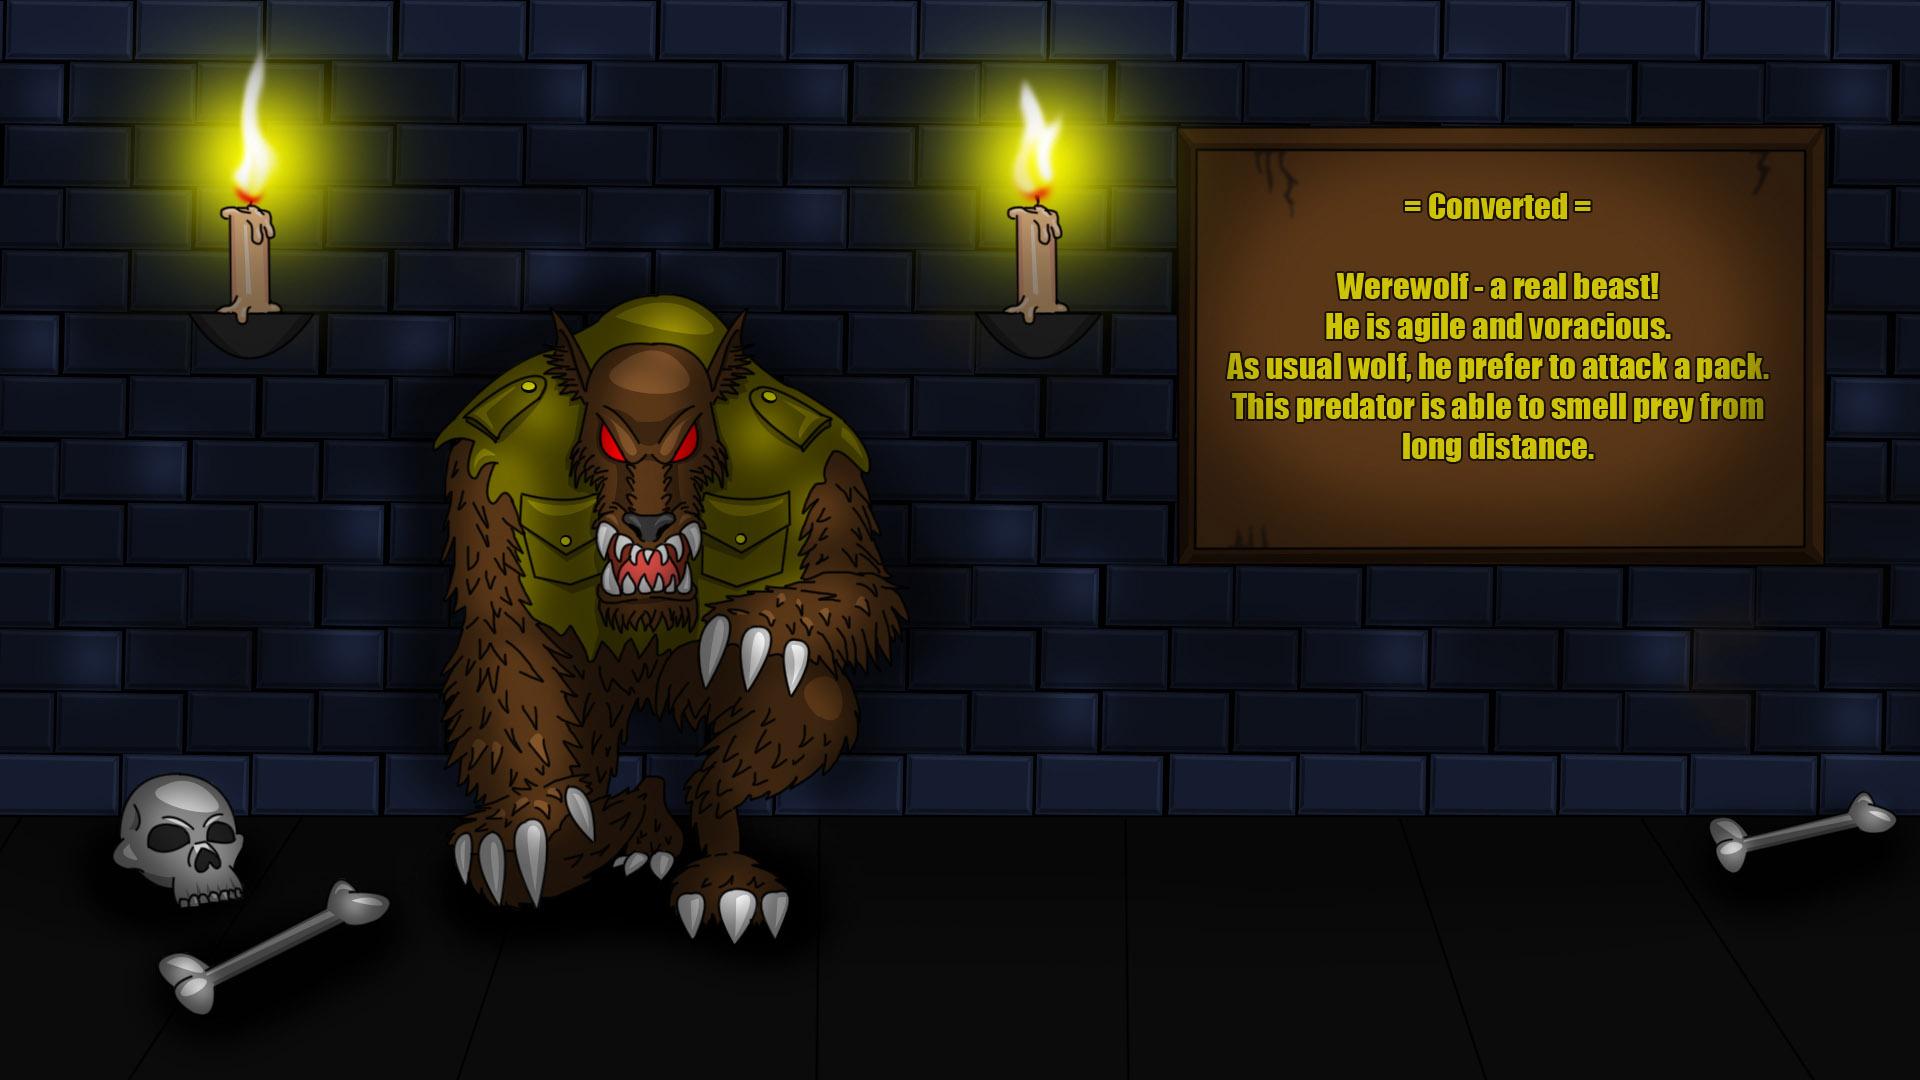 Steam Card Exchange Showcase Castle Werewolf